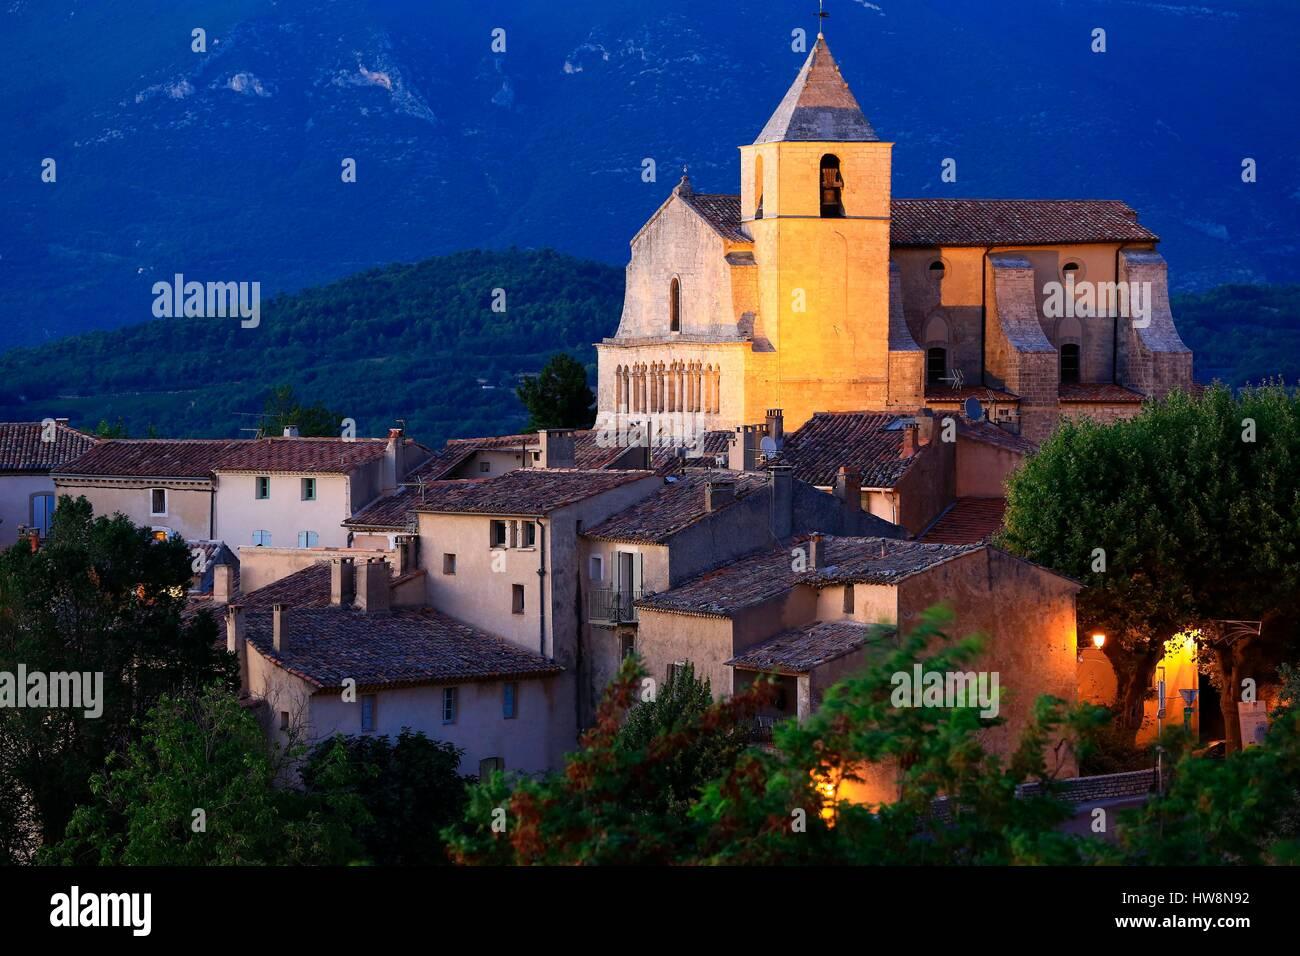 Francia, Vaucluse, parco regionale del Luberon, Saignon, chiesa romanica della Madonna della Pietà xii Immagini Stock